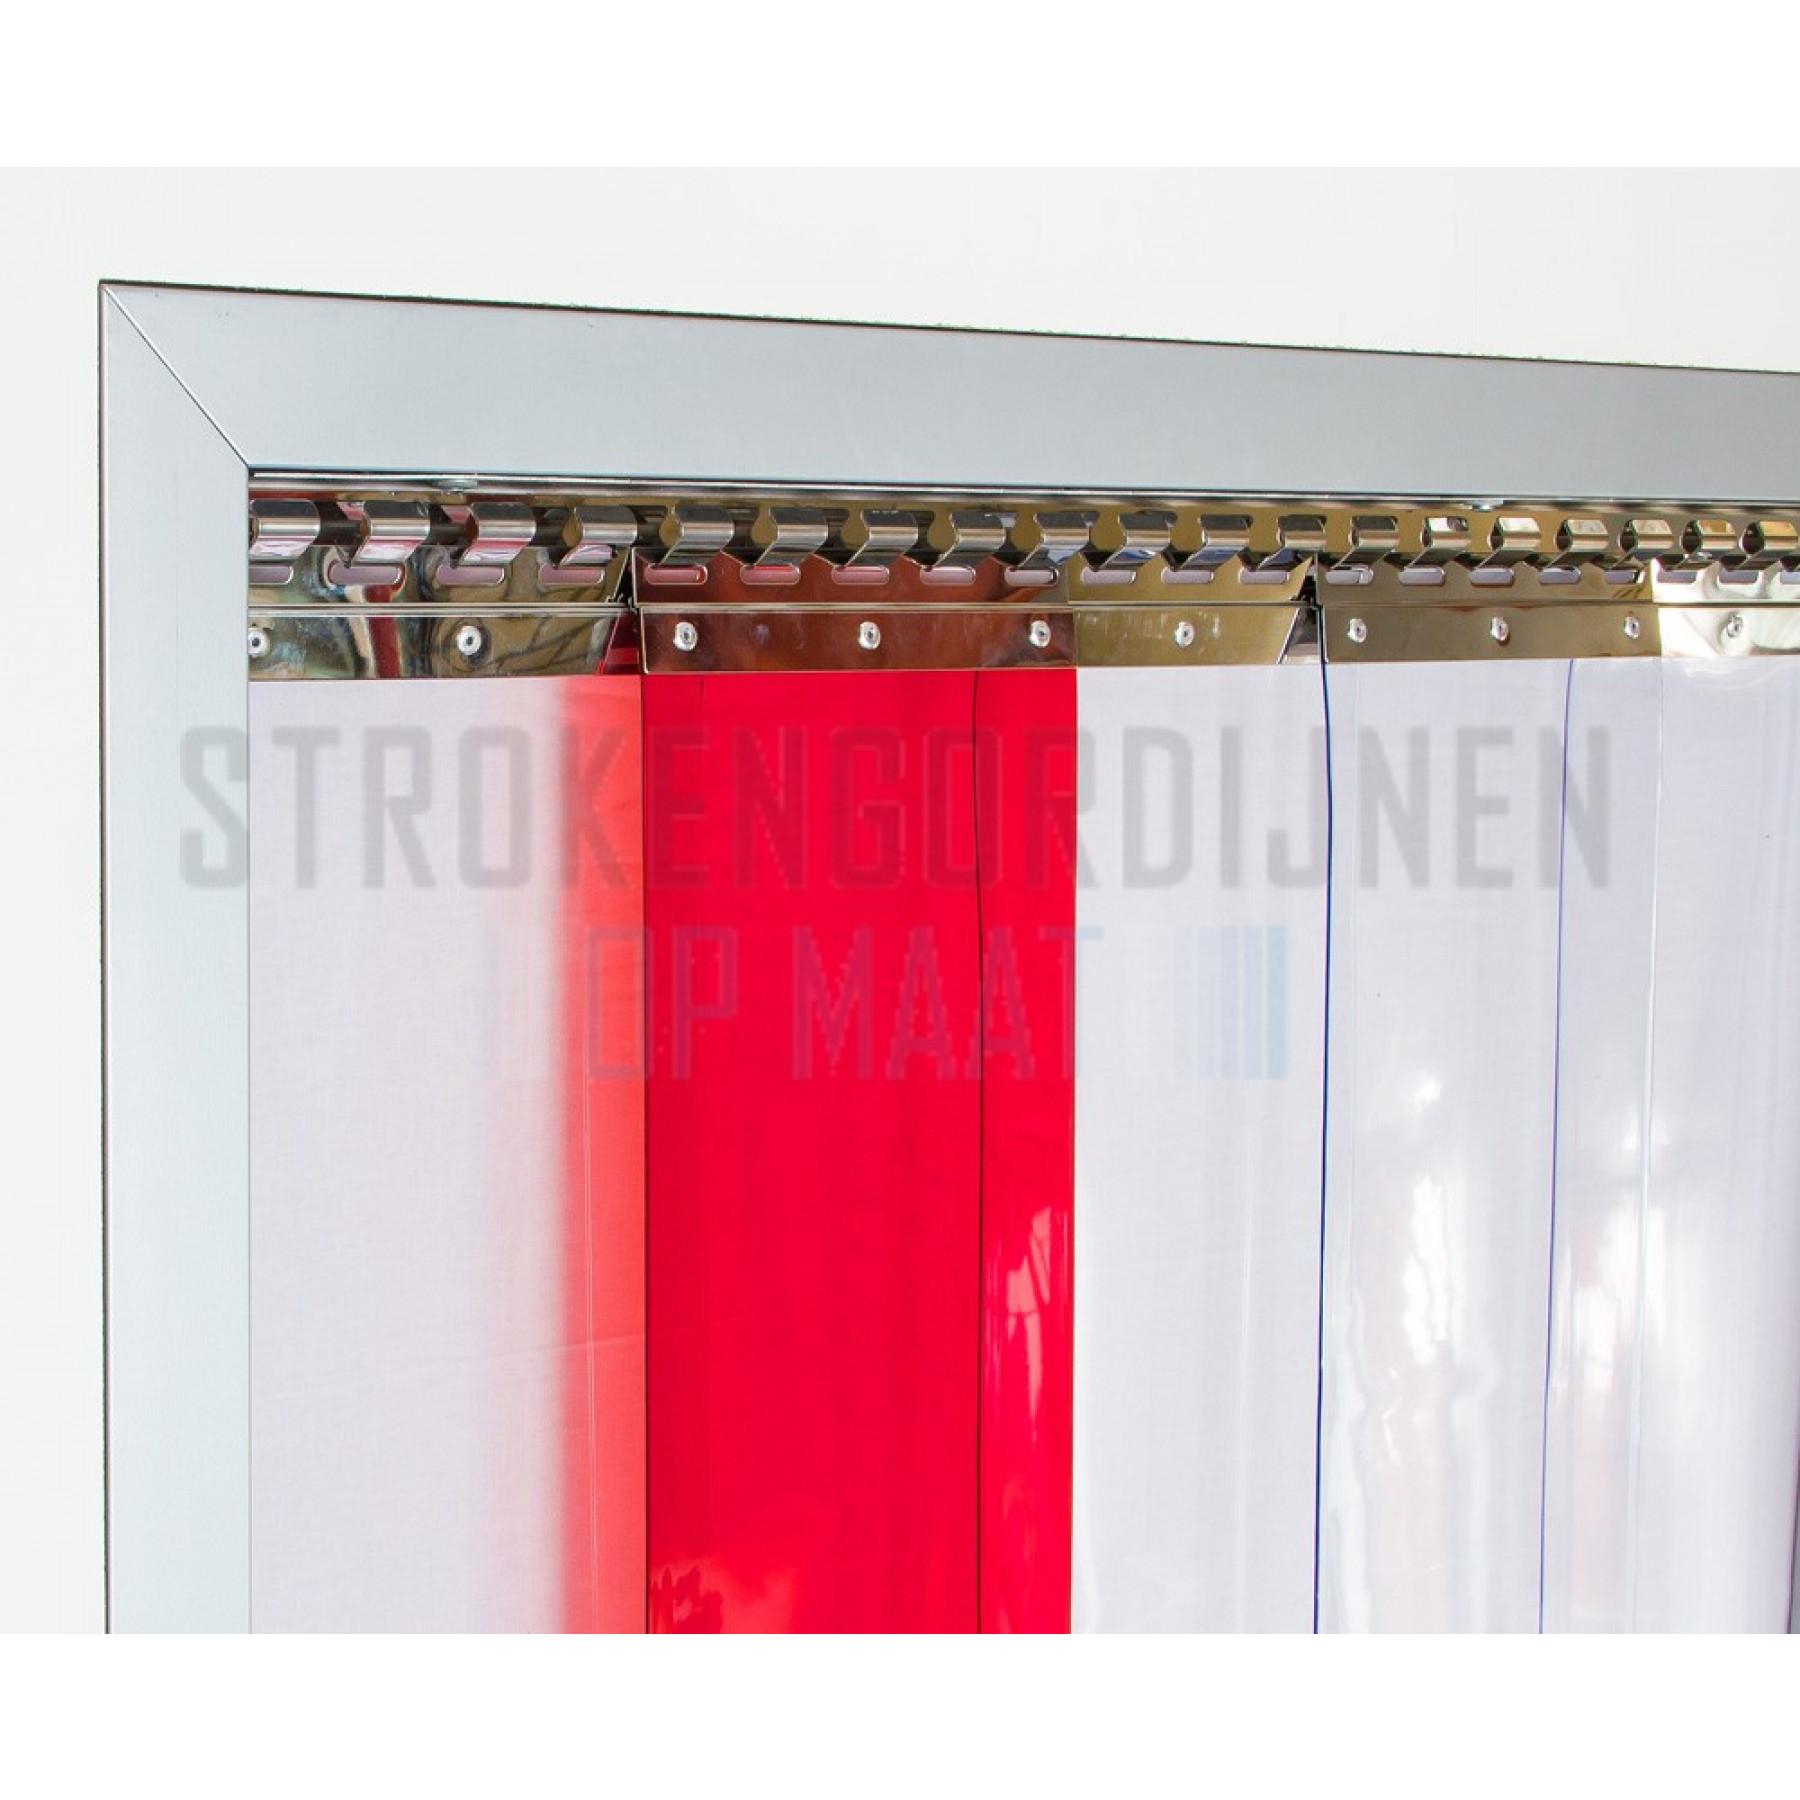 PVC op rol, 200mm breed, 2mm dik, 50 meter lengte, kleur rood, transparant